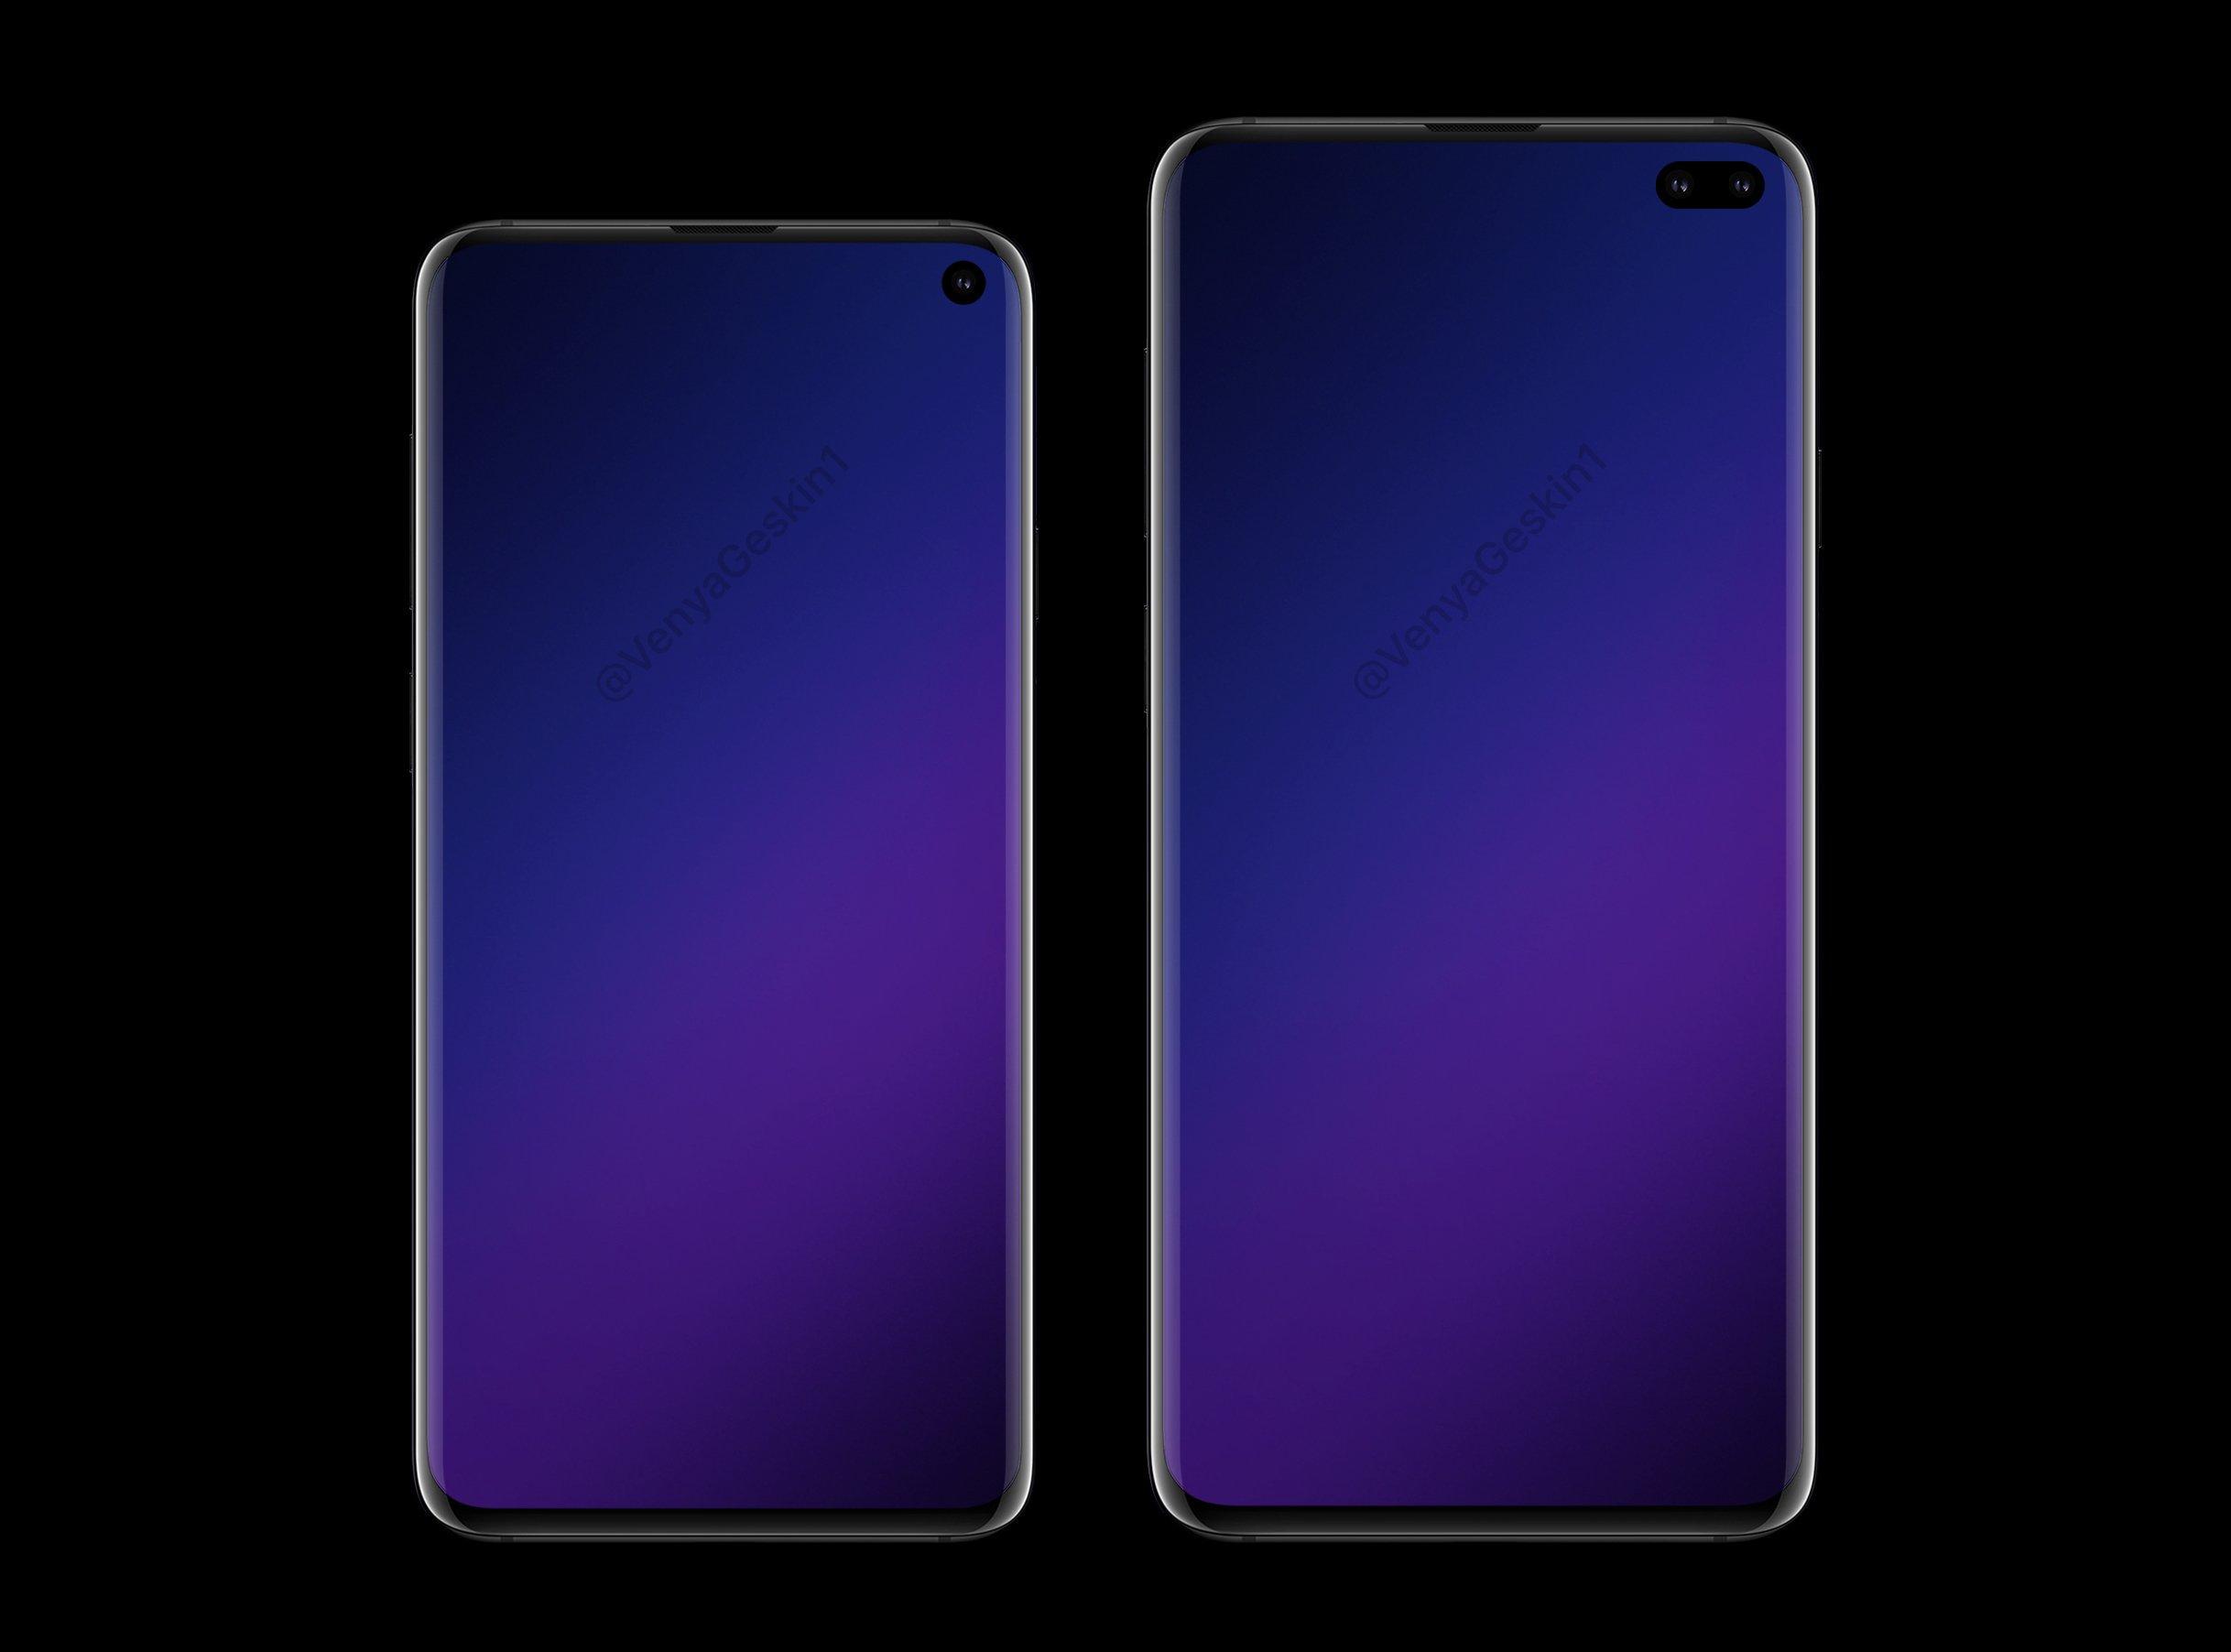 Samsung Galaxy S10 & 10+ Render_2 Source: @VenyaGeskin1/Twitter